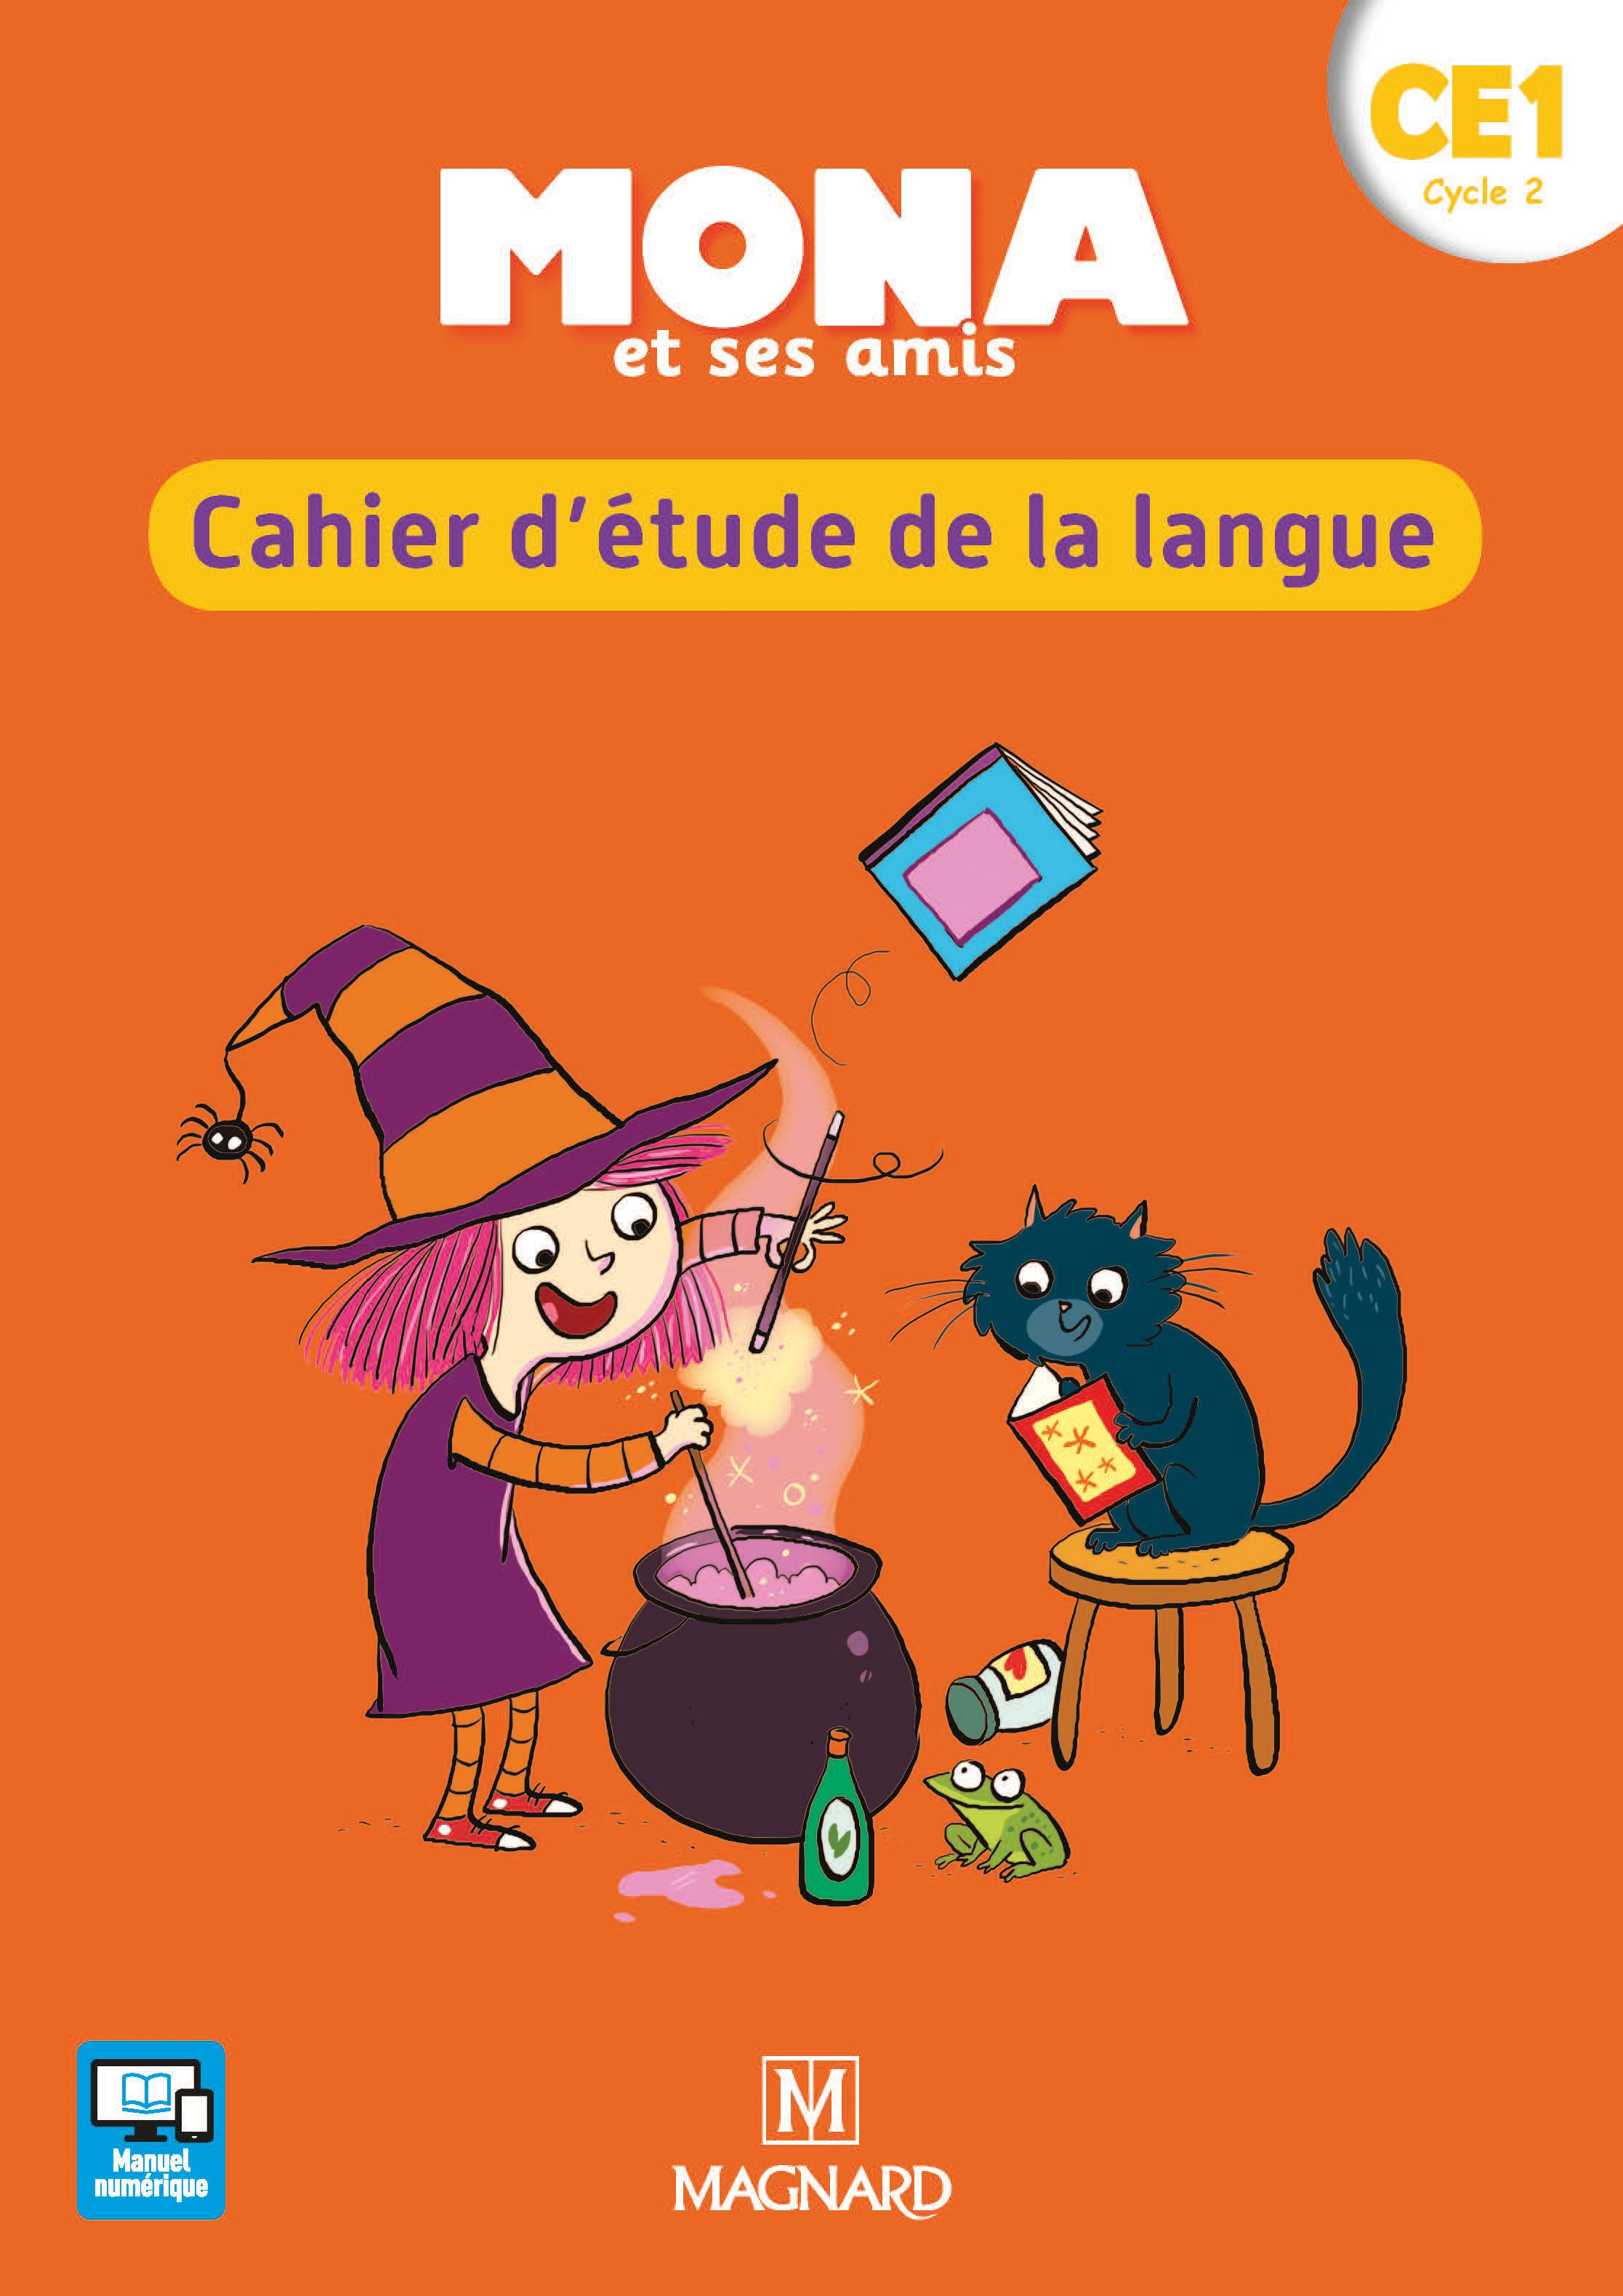 Mona et ses amis CE40 20408   Cahier d'étude de la langue   Magnard